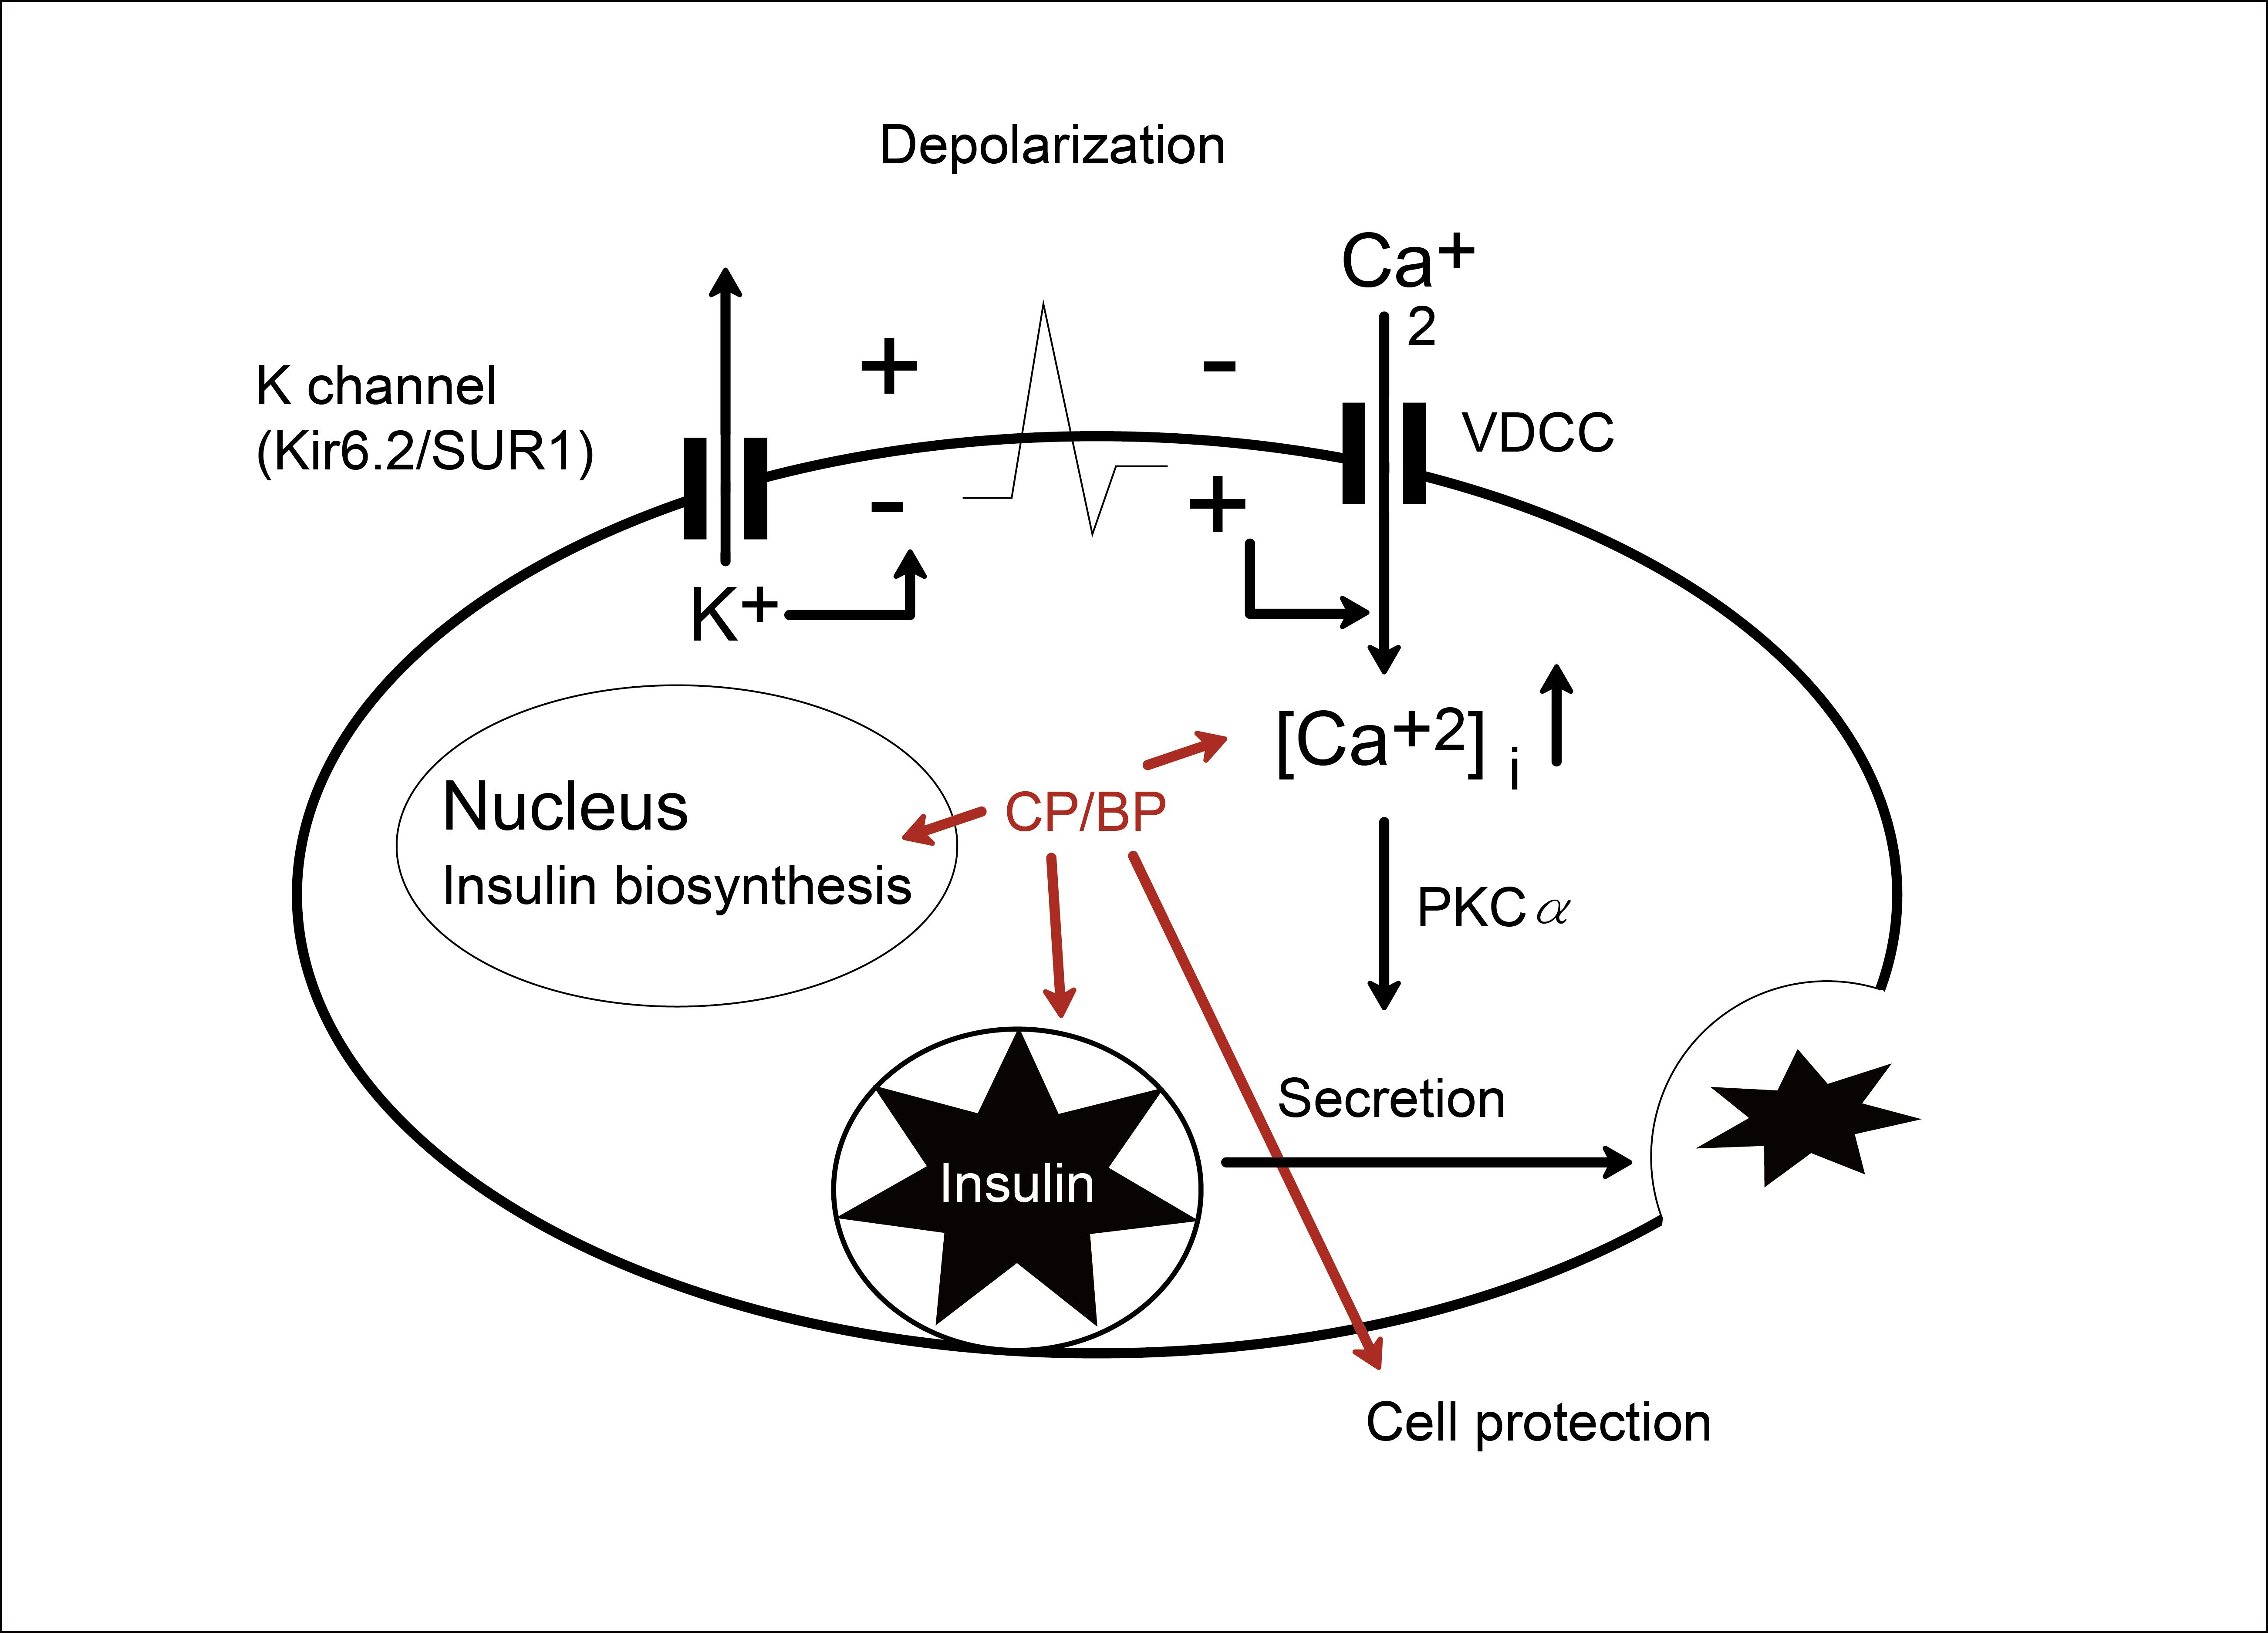 咸豐草 (BP) 與所萃取出的「聚炔類化合物」(CP),可以經過控制胰島細胞的鈣離子與鉀離子通道,來增加細胞中胰島素分泌,以及保護胰島細胞。 圖片來源│楊文欽提供